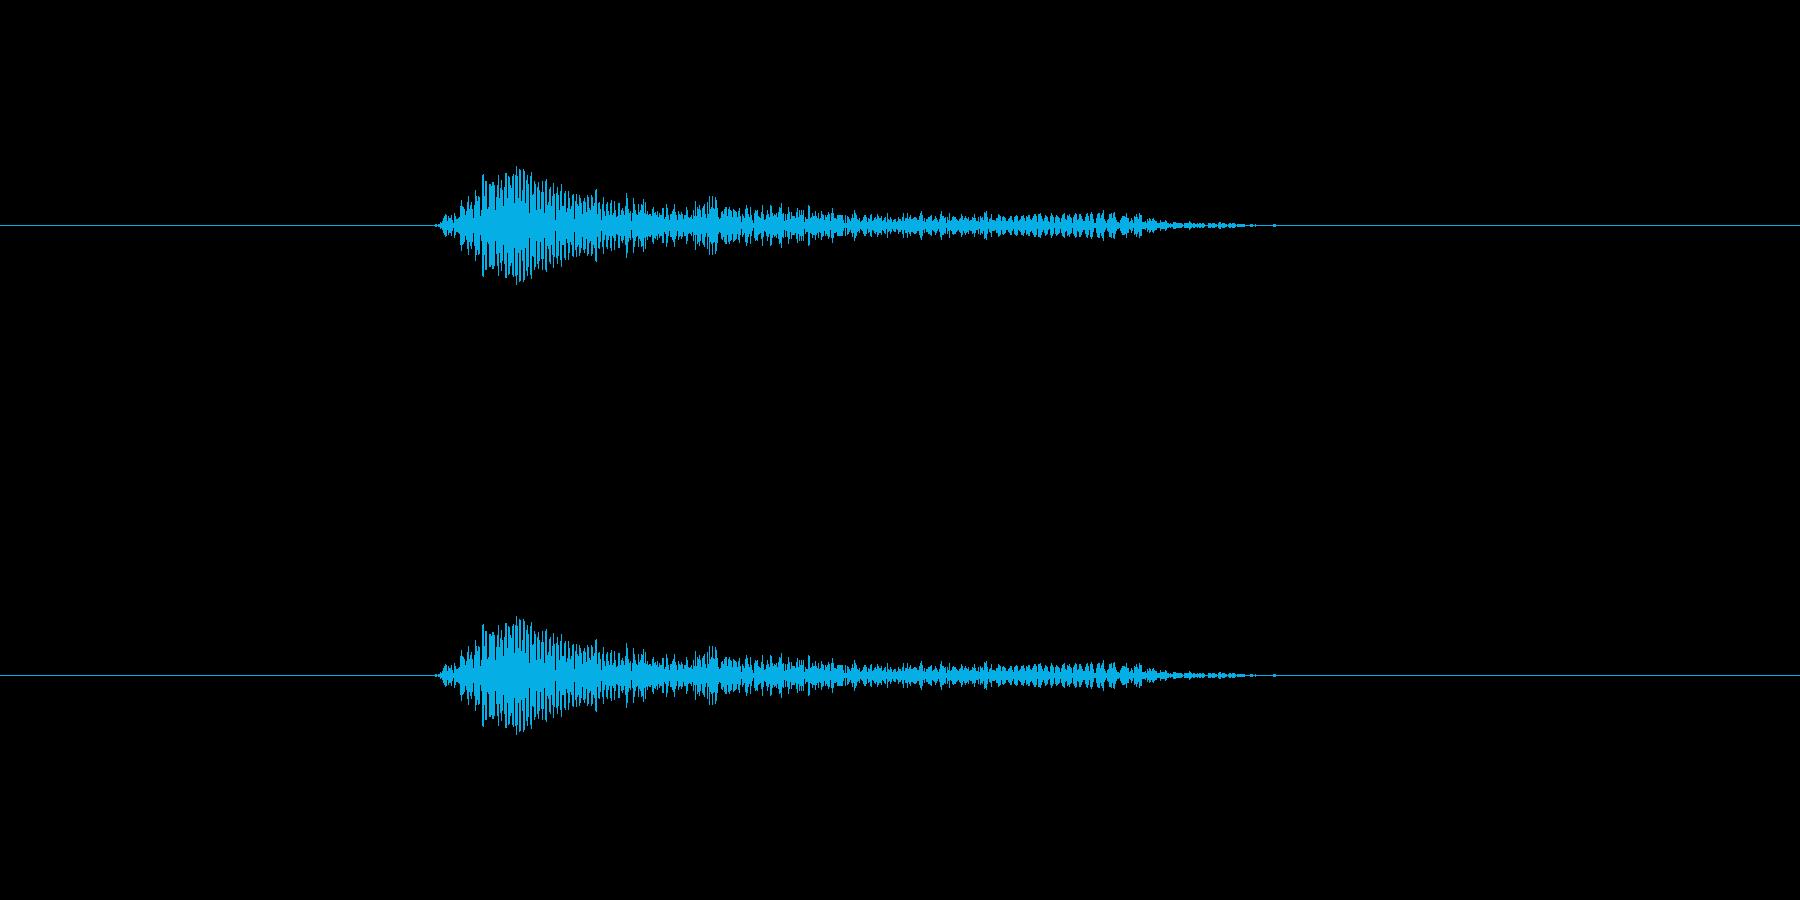 【ラジオ・パーソナリティ・ED】えへっの再生済みの波形